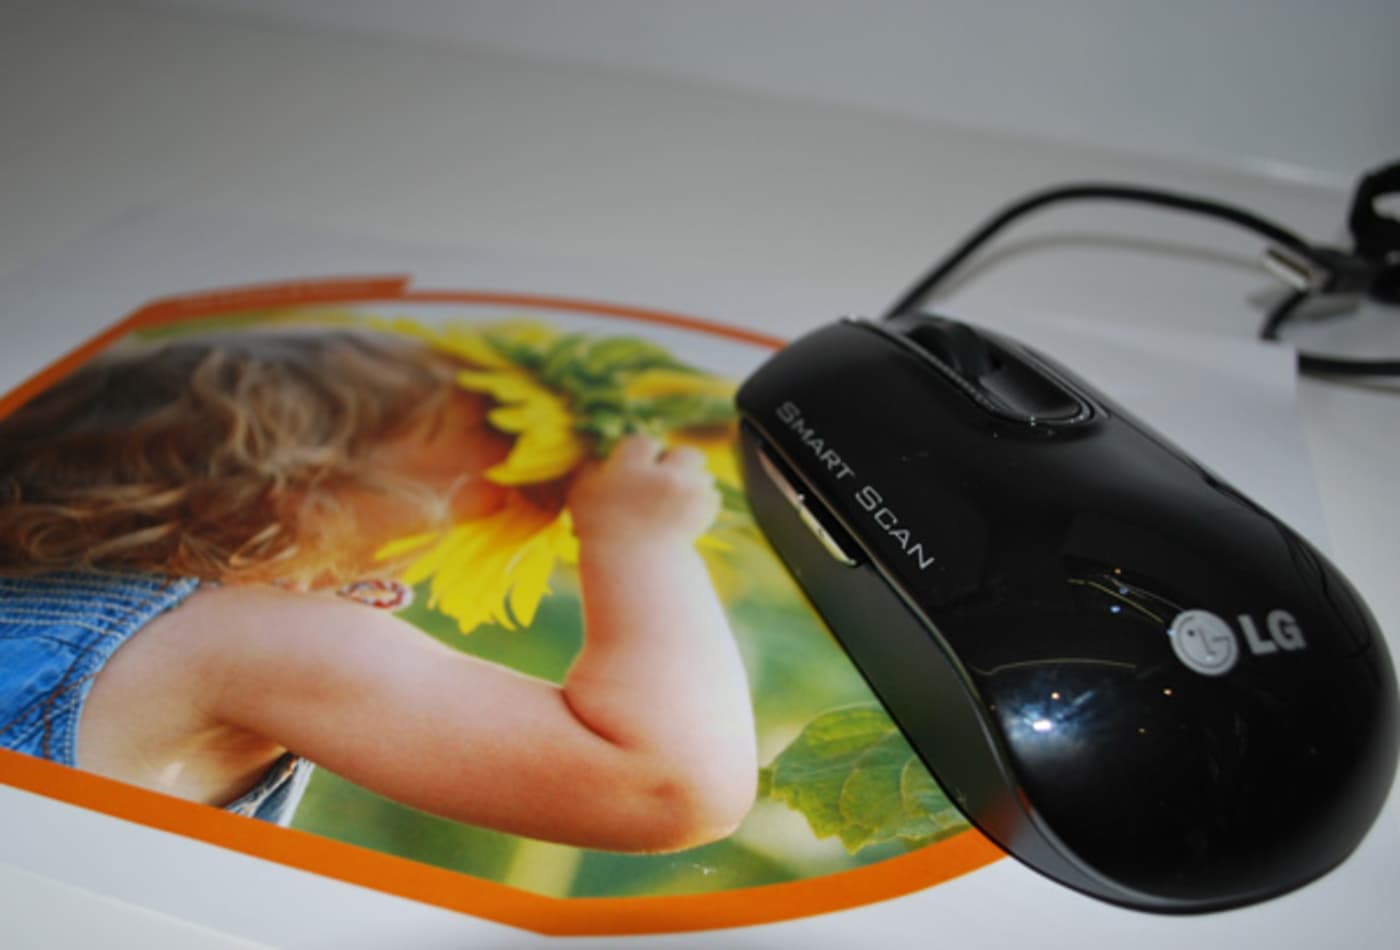 44390845 lg_smartscan_mouse_600.jpg